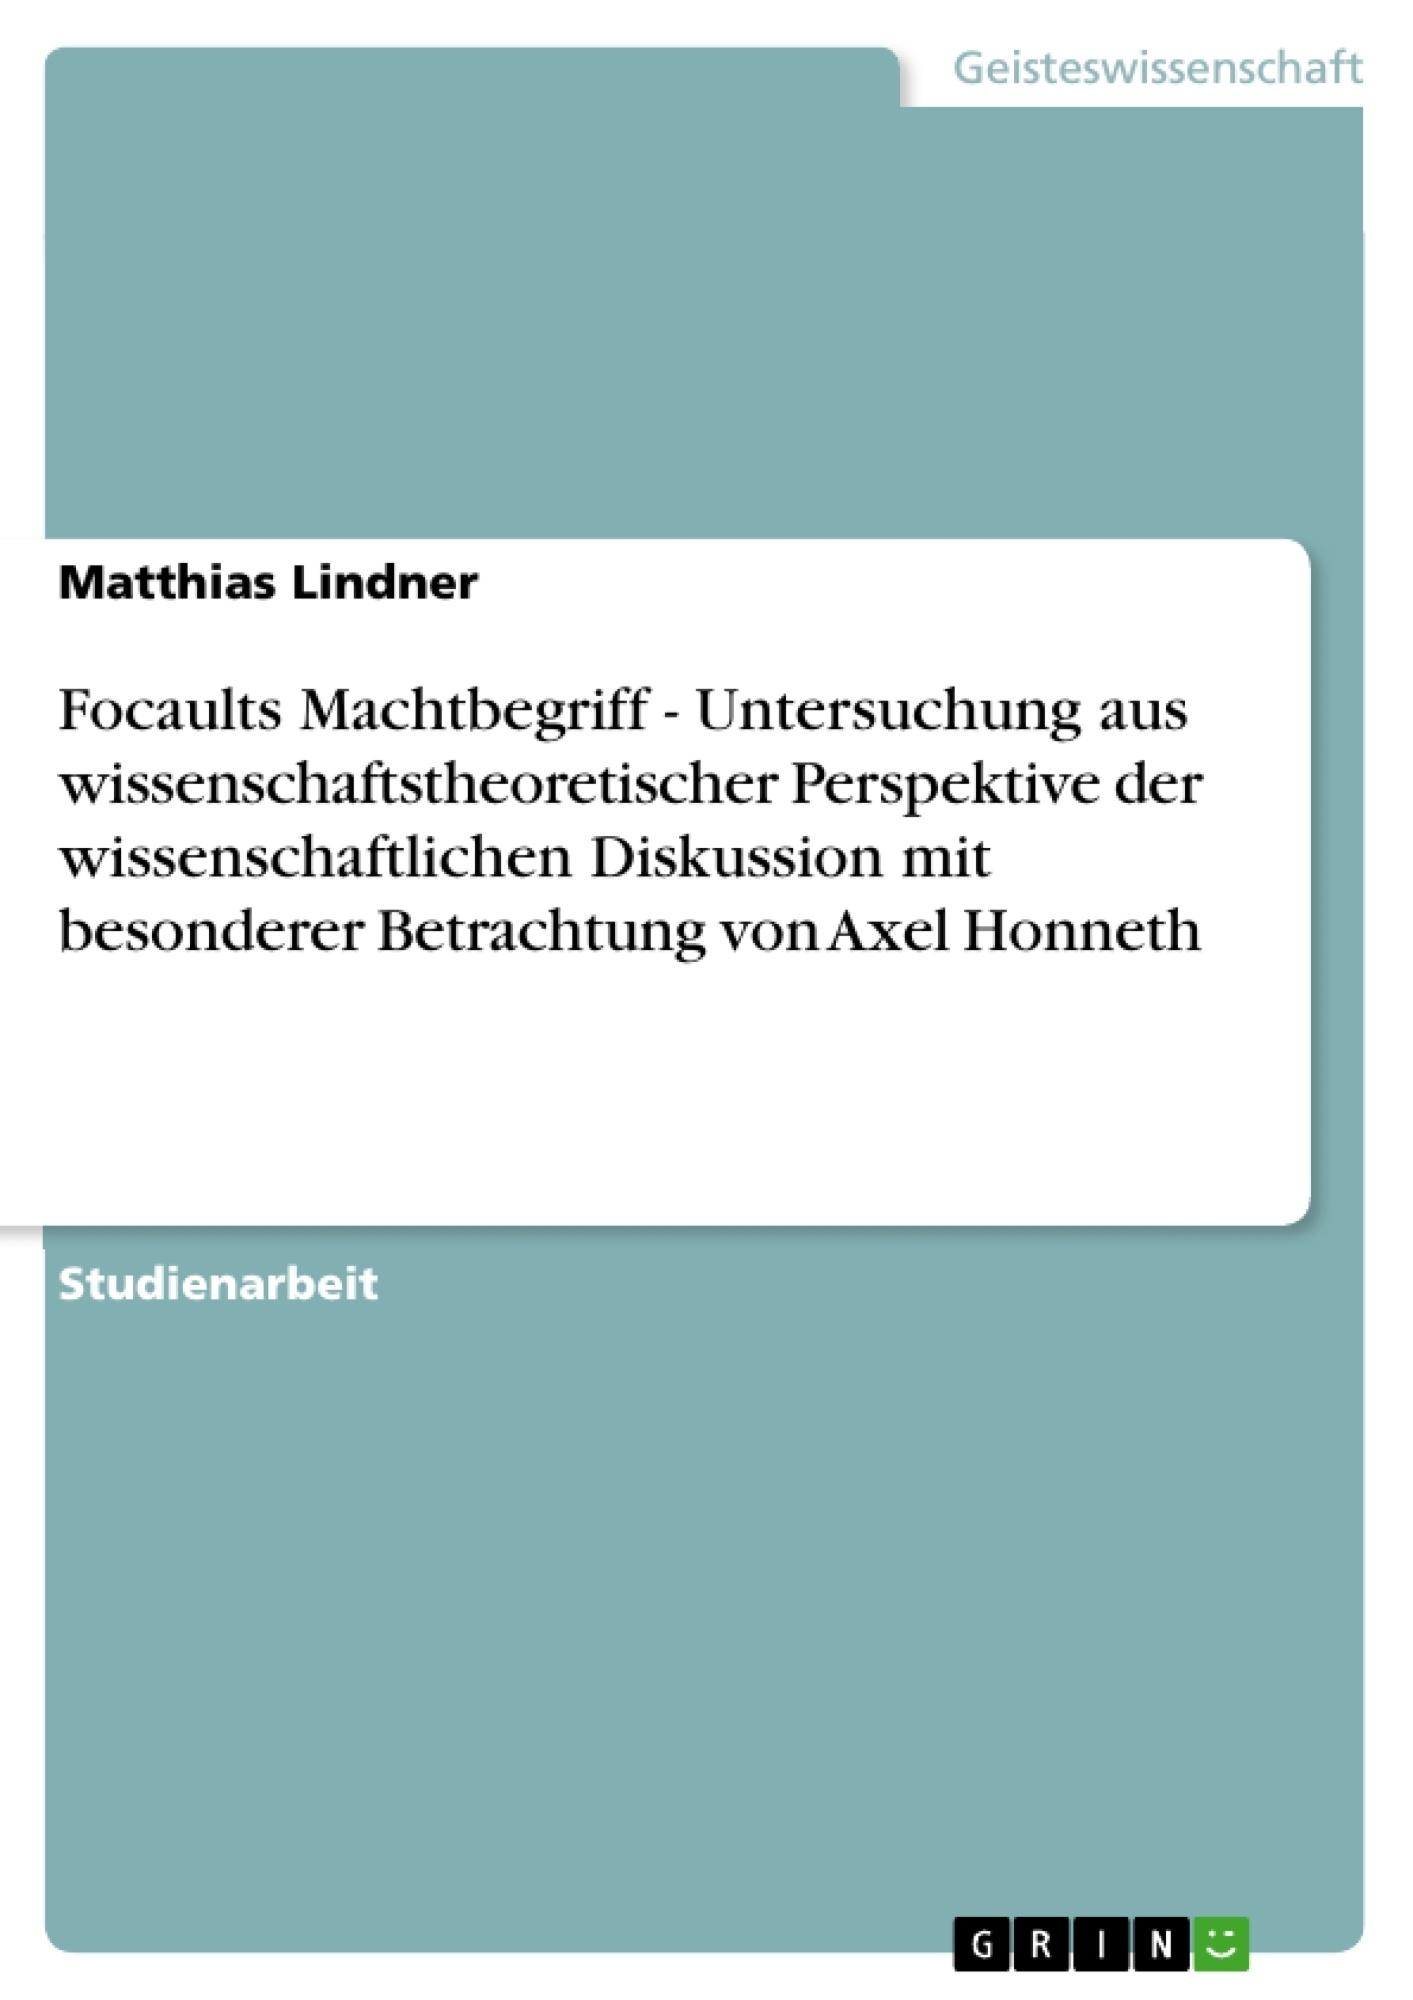 Titel: Focaults Machtbegriff - Untersuchung aus wissenschaftstheoretischer Perspektive der wissenschaftlichen Diskussion mit besonderer Betrachtung von Axel Honneth